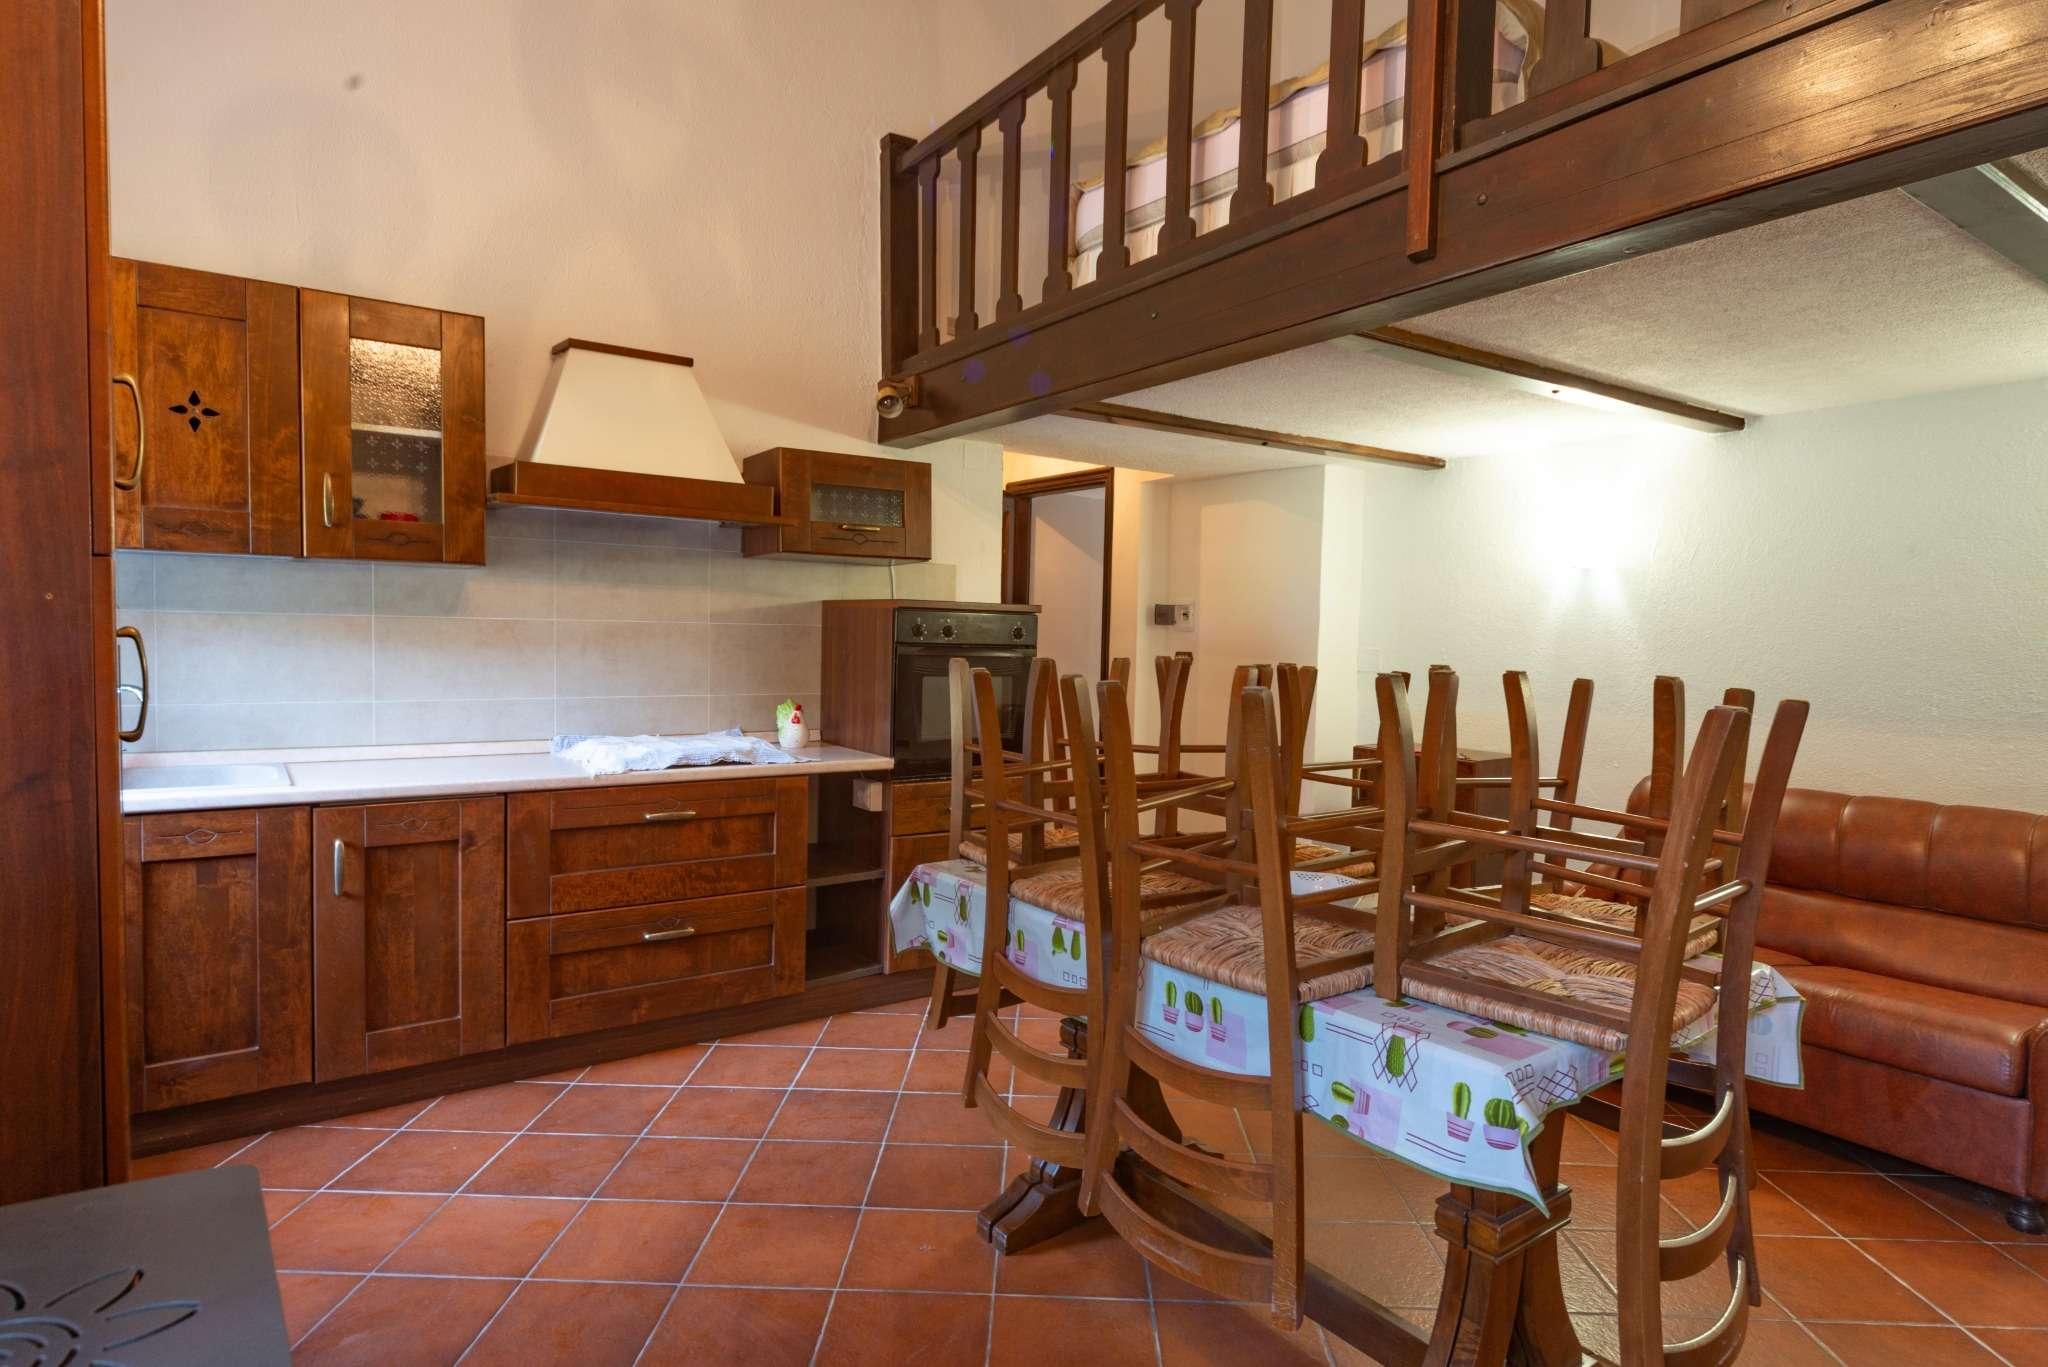 Appartamento in affitto a Montemale di Cuneo, 1 locali, prezzo € 280 | PortaleAgenzieImmobiliari.it